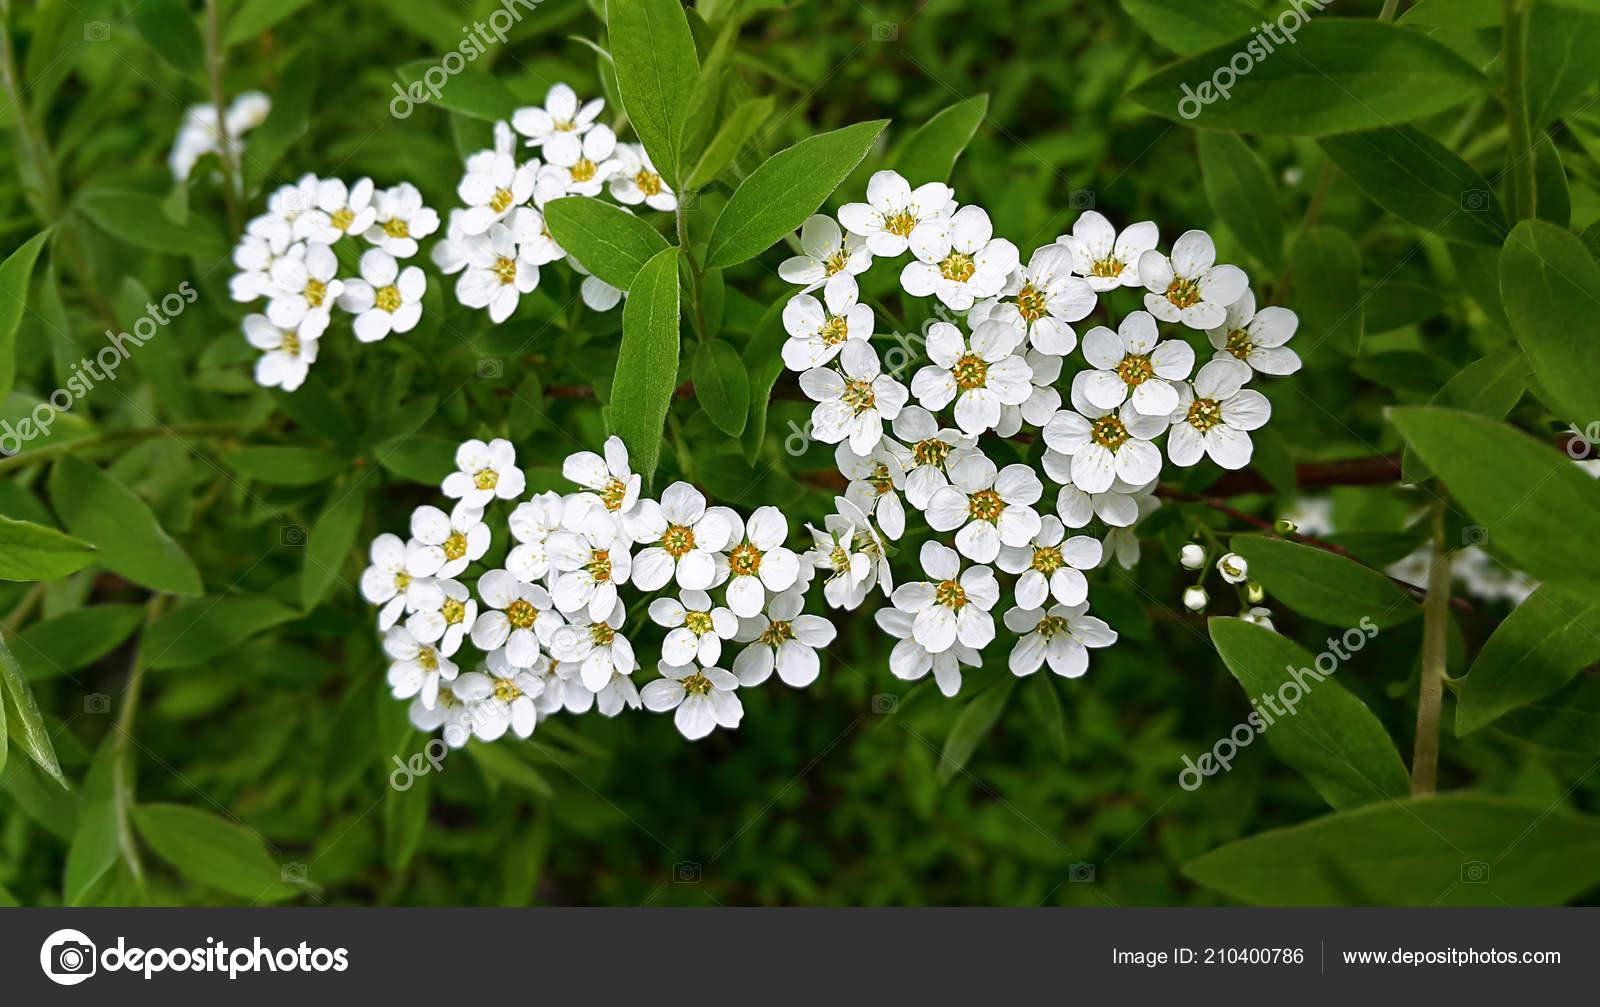 Spring Flowering Shrub White Flowers Stock Photo Dink101 210400786